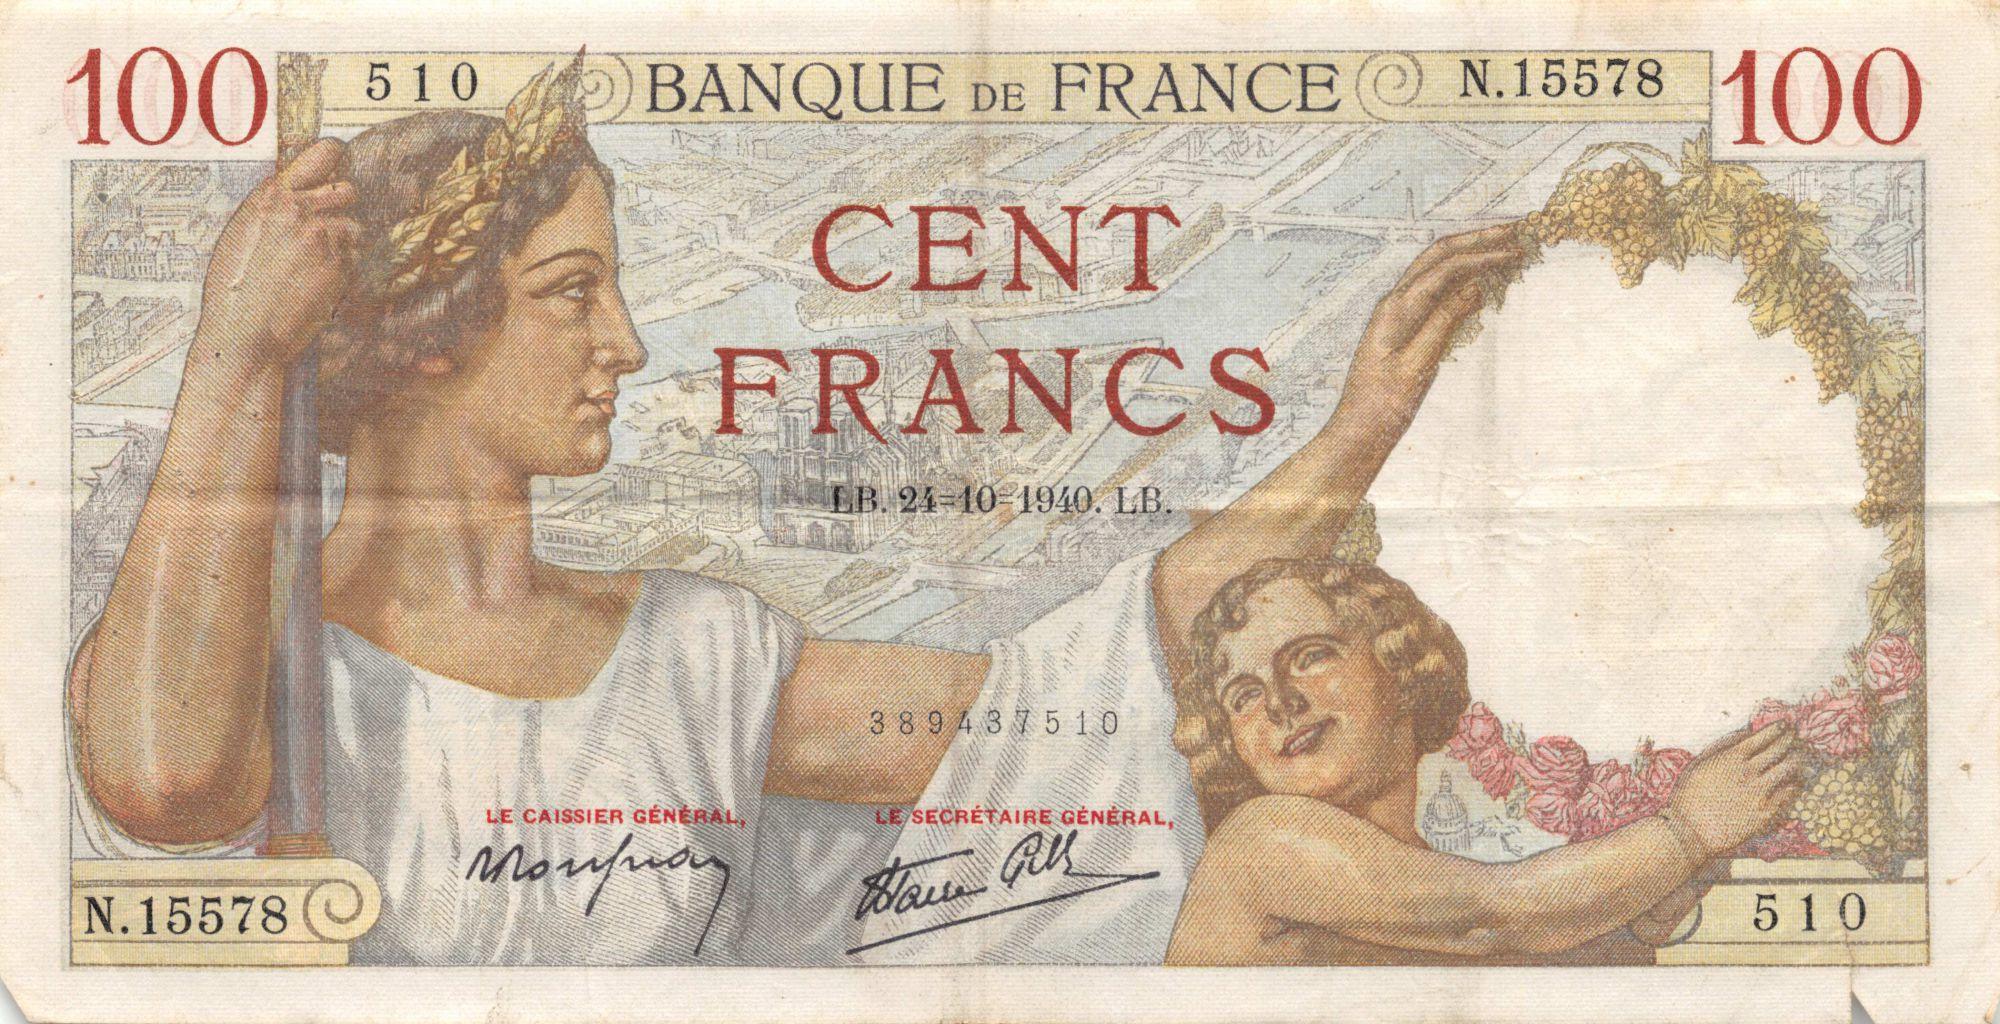 France 100 Francs Sully - 24-10-1940 Série N.15578 - TB